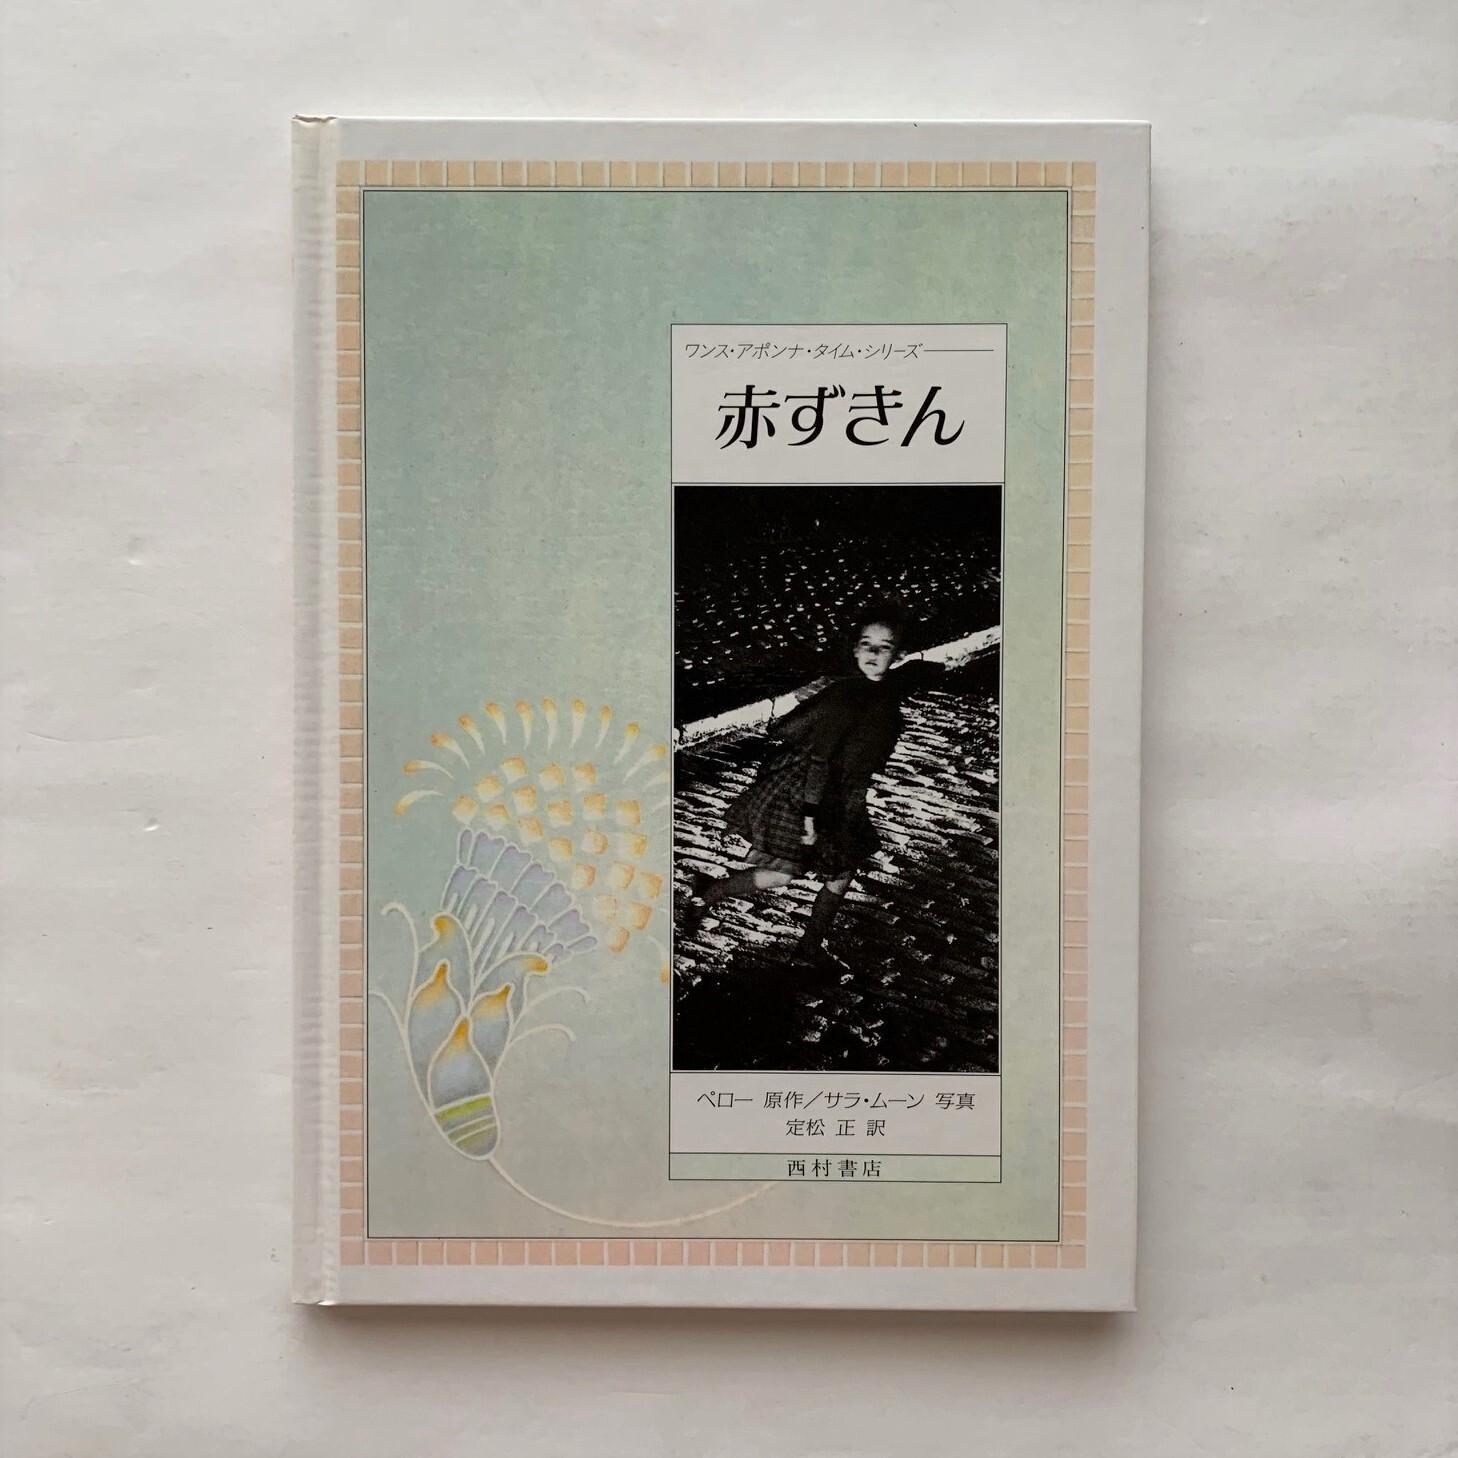 赤ずきん  /  Sarah Moon  /  サラ・ムーン